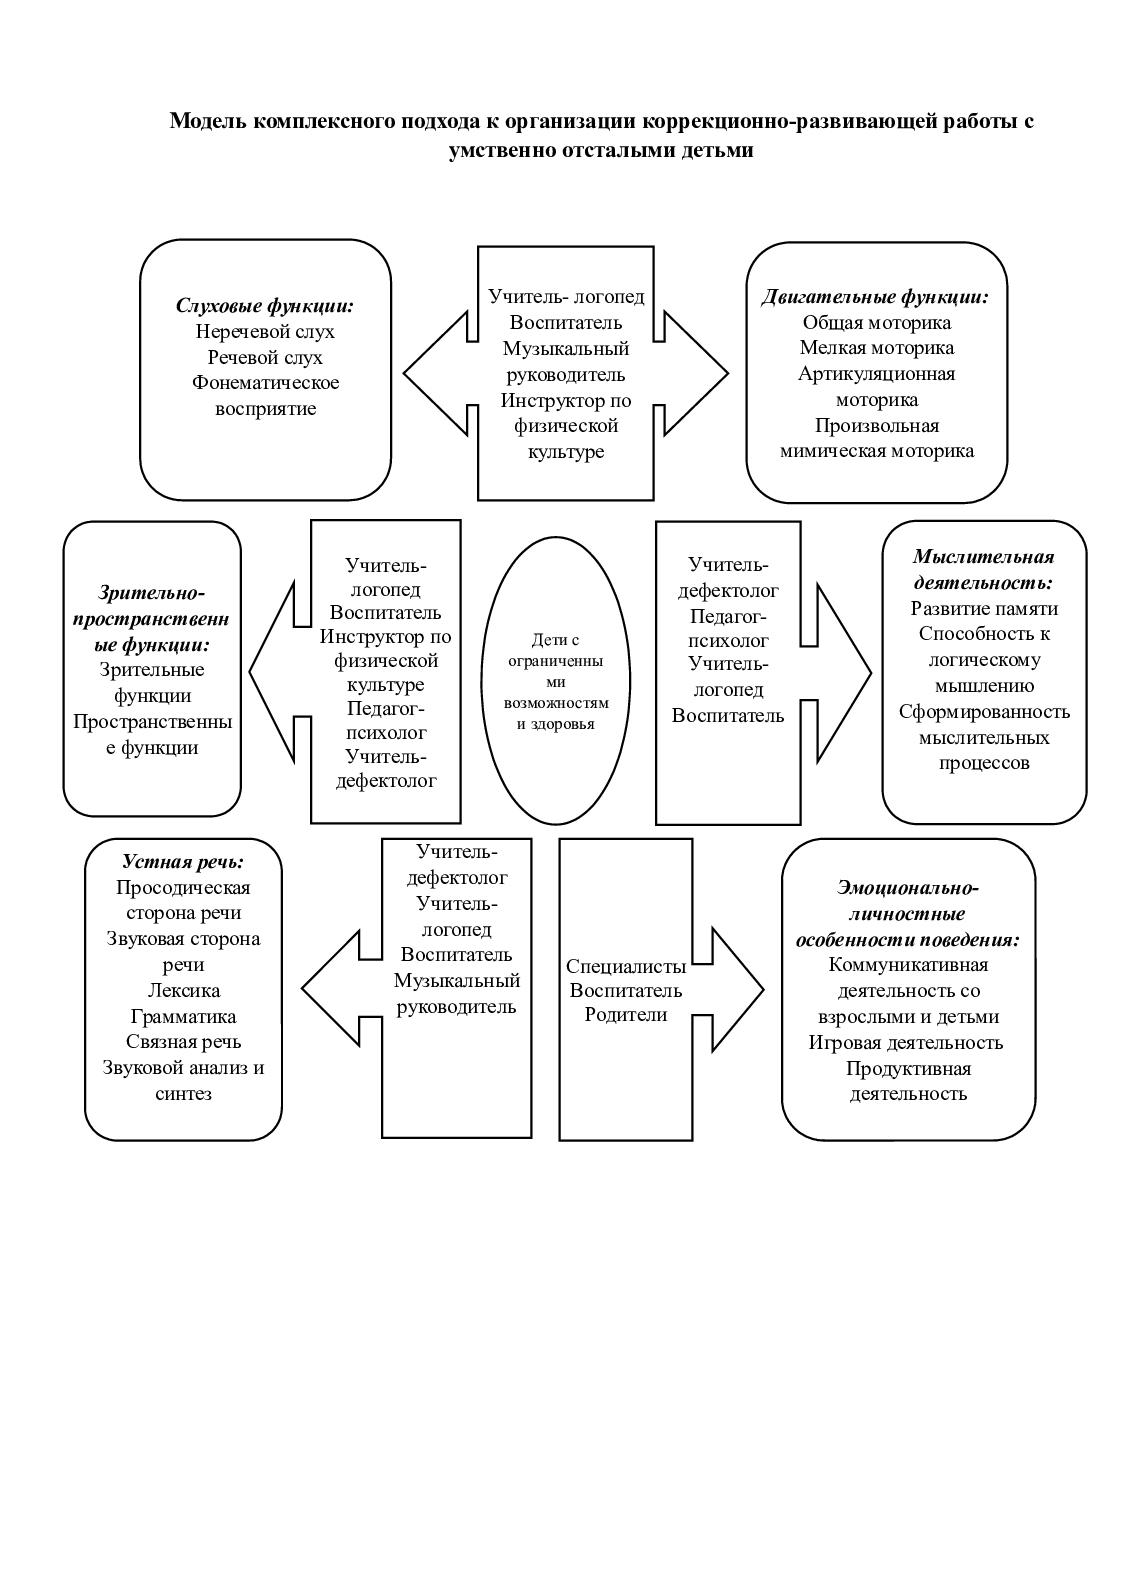 Модели коррекционной работы модели практики социальной работы